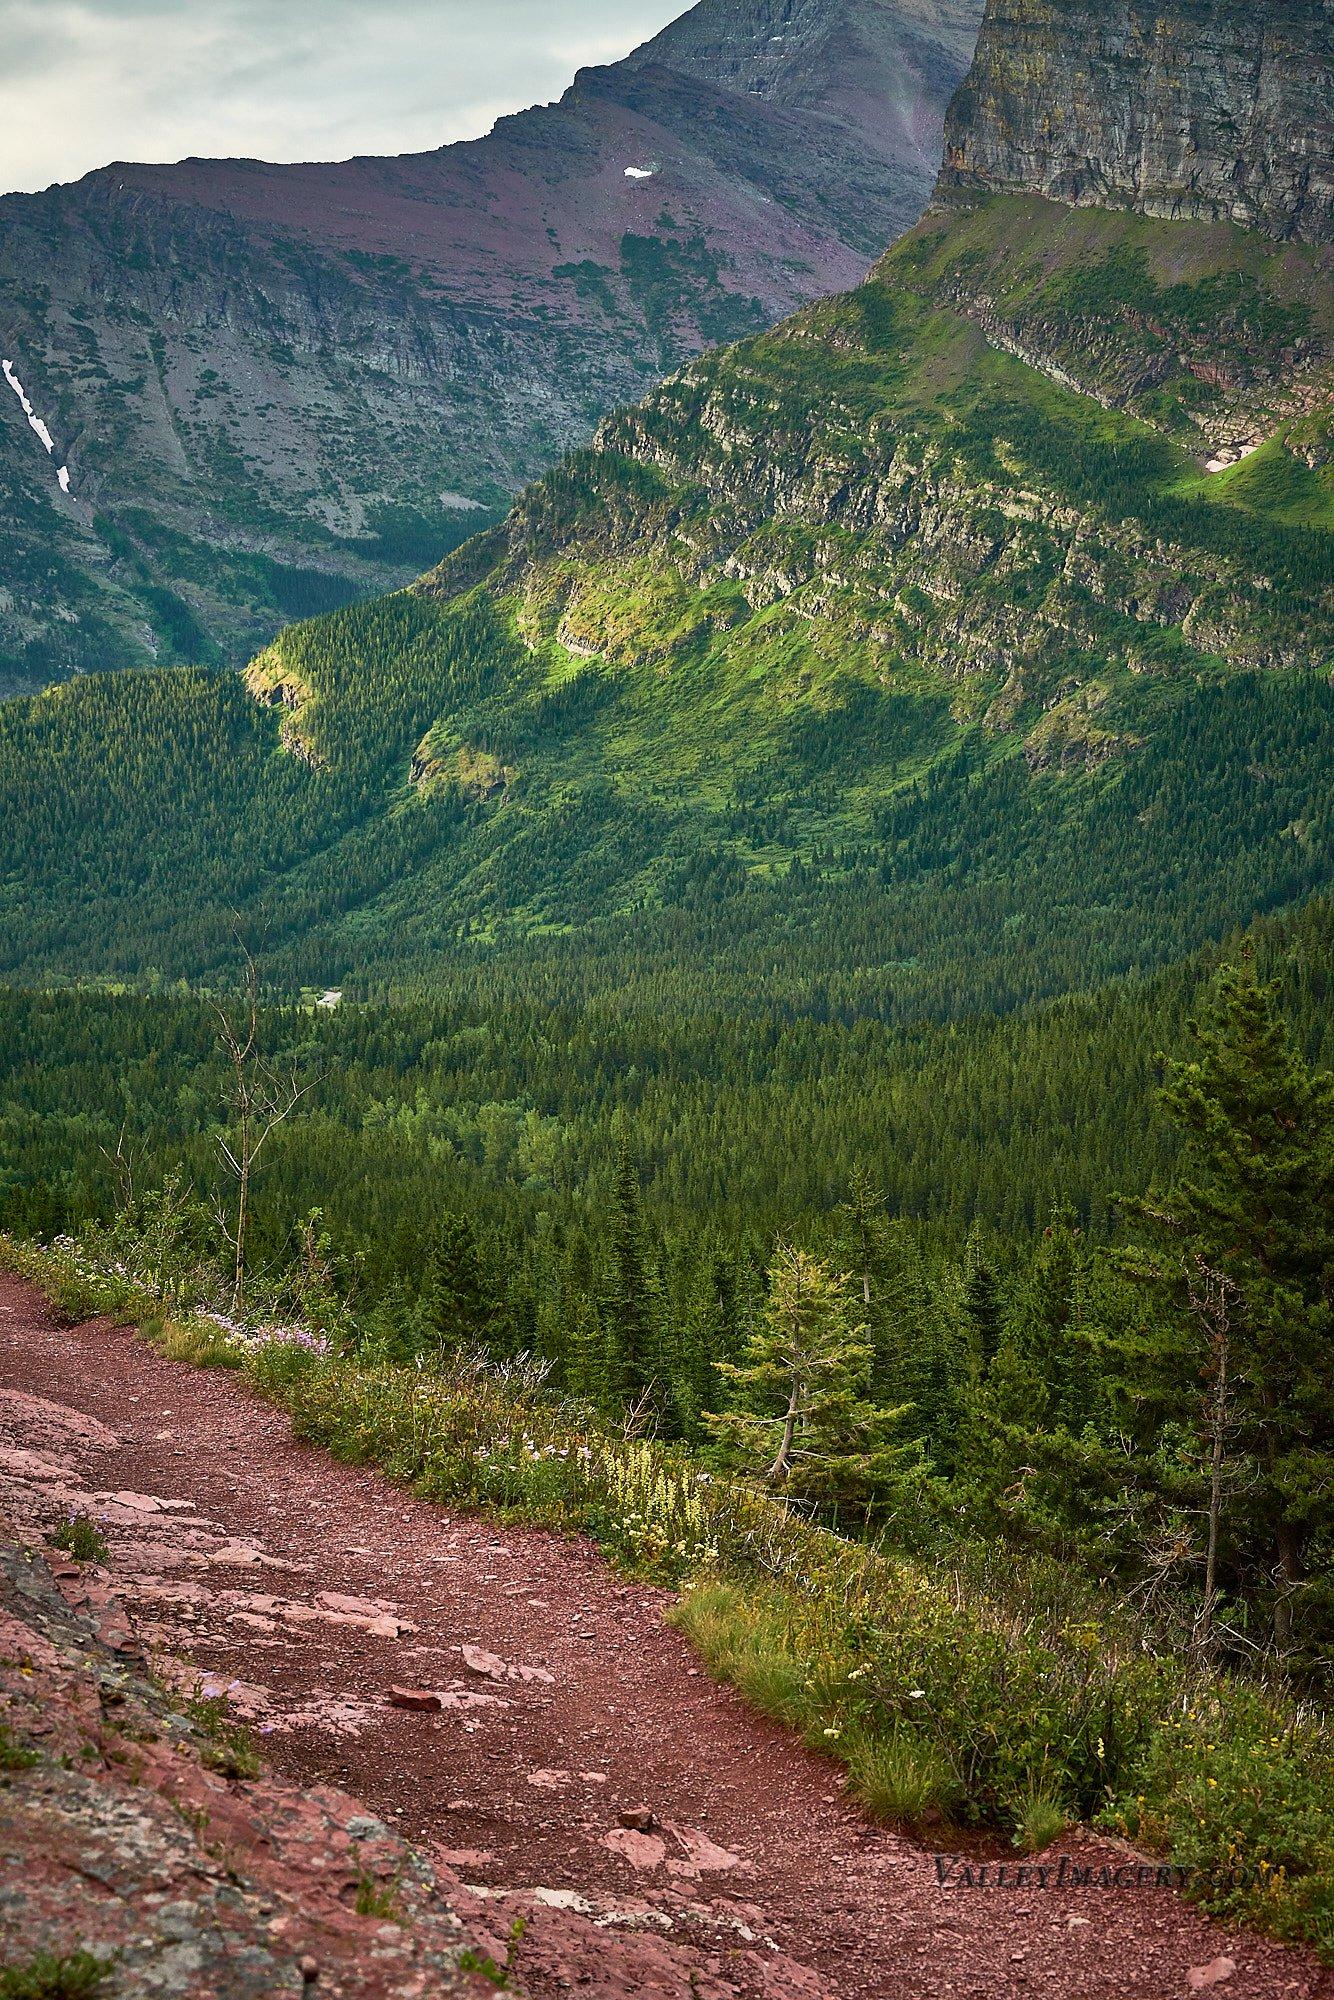 Mountain view on the way to Iceberg Lake